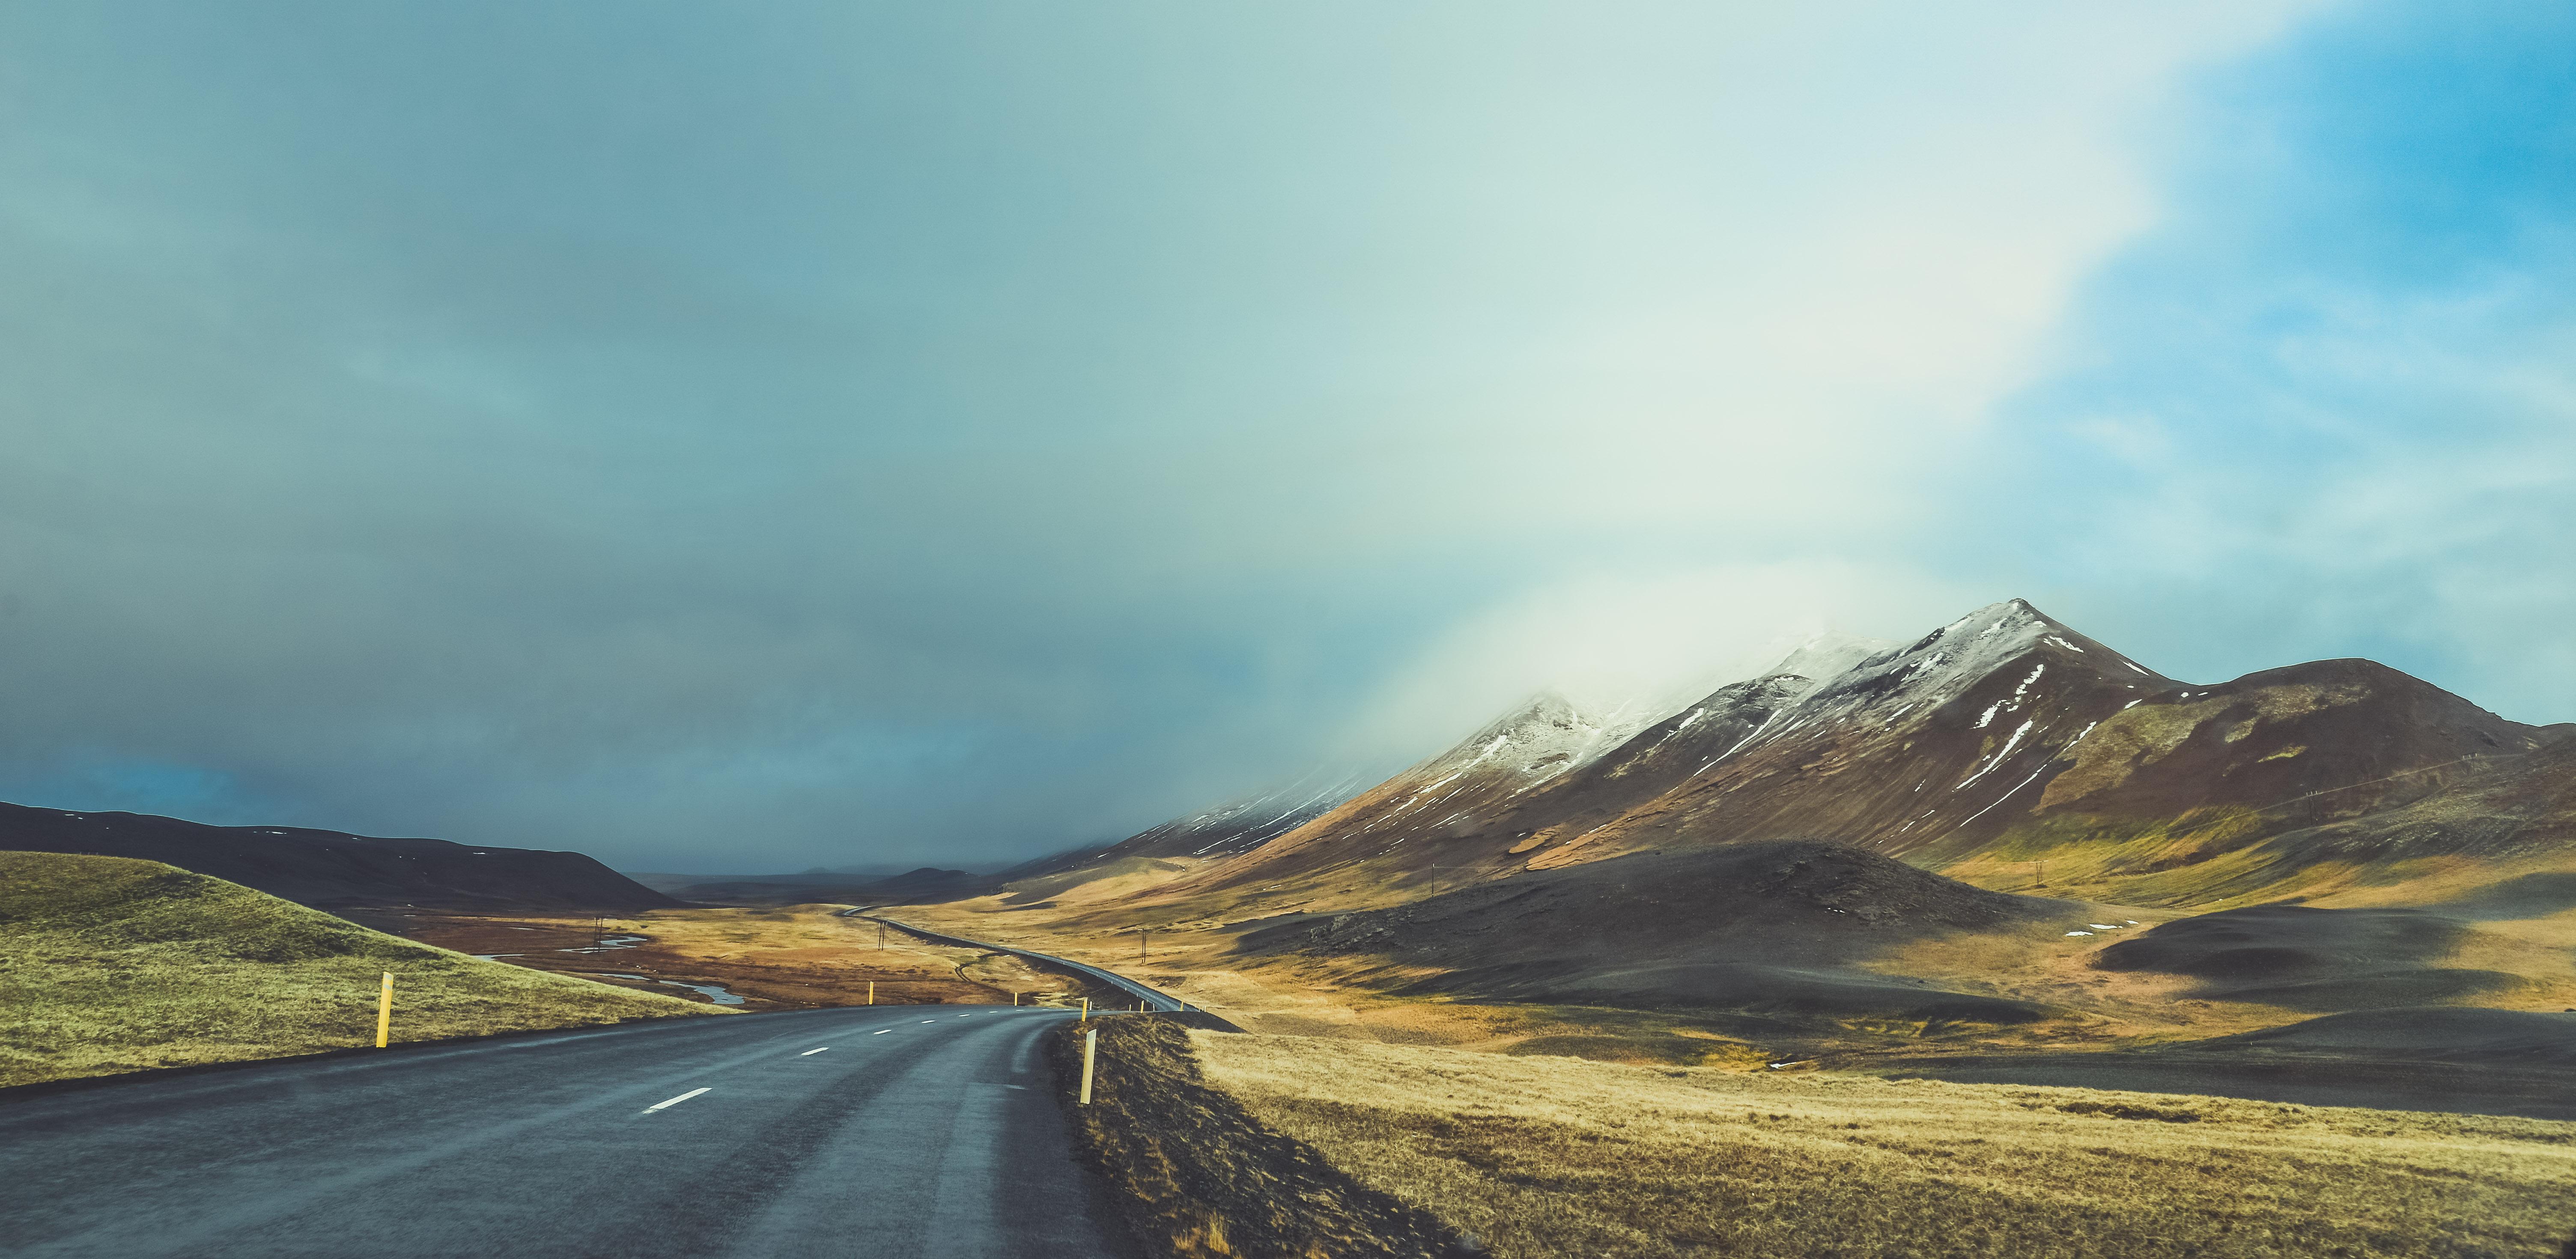 一路有美景